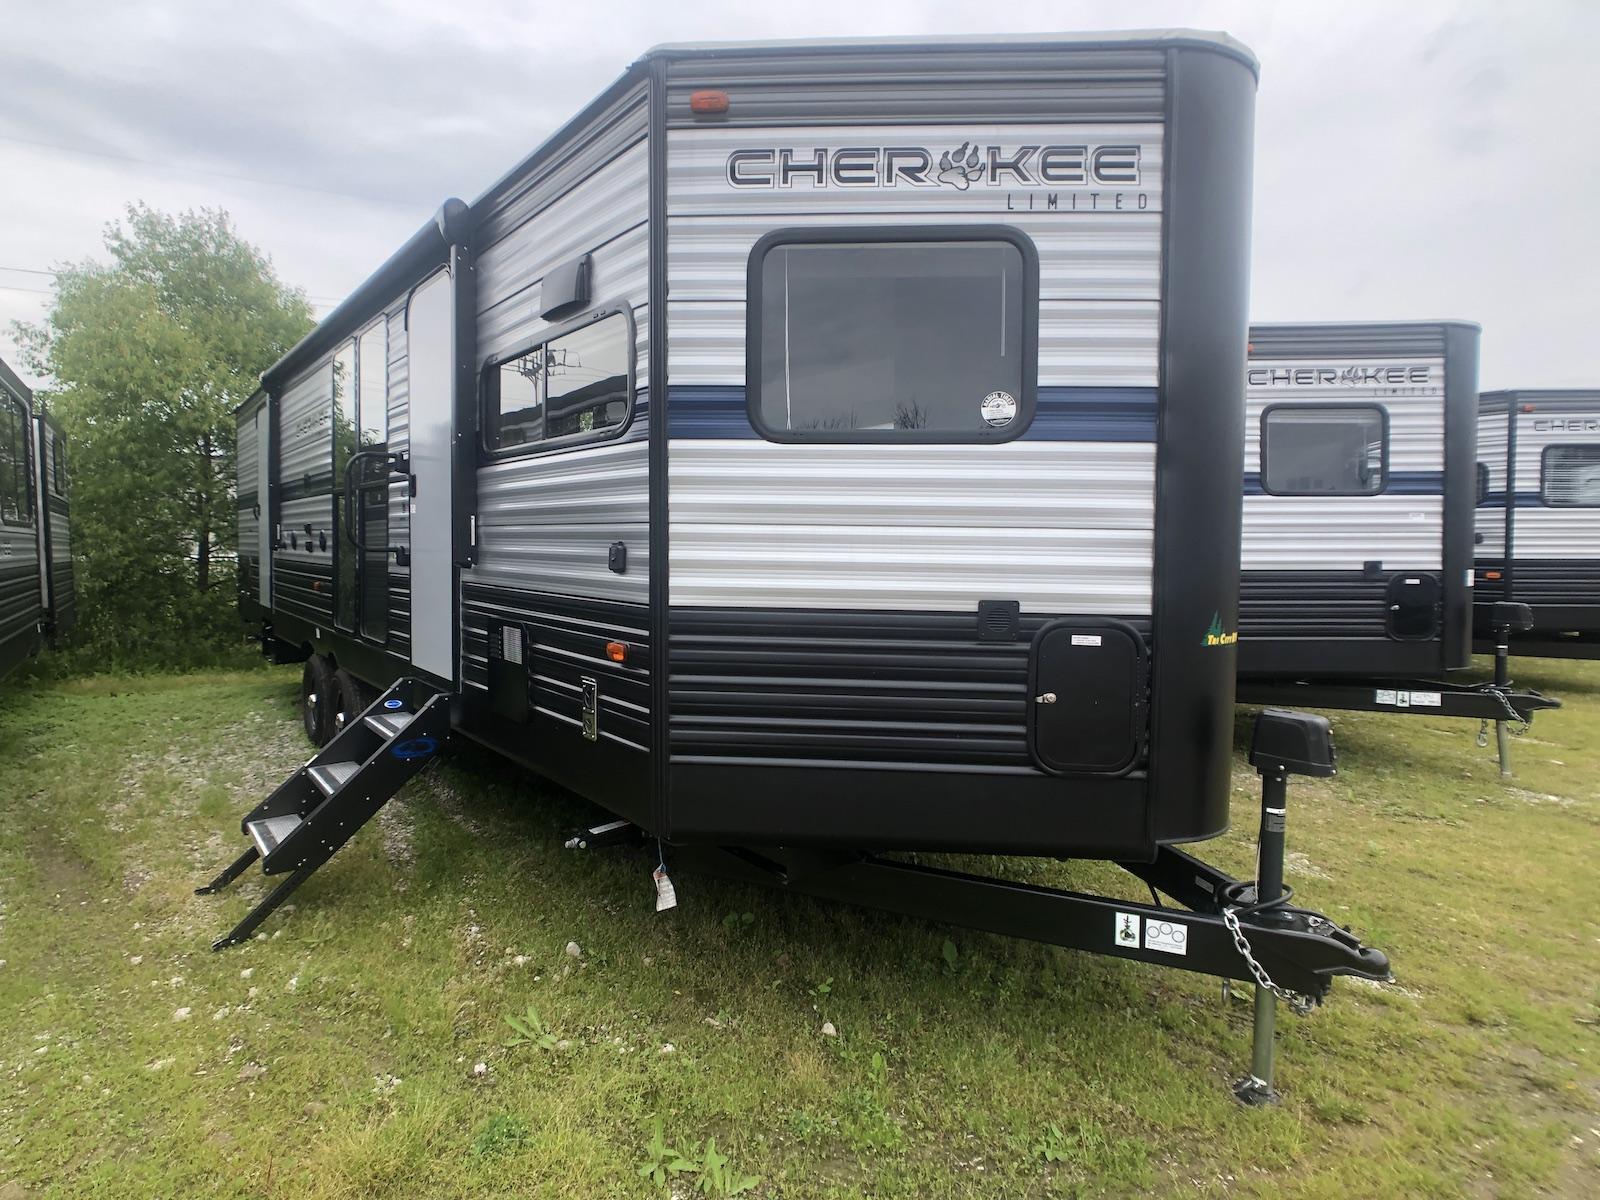 2019 Cherokee 274VFK Front Kitchen Travel Trailer - Tri ...